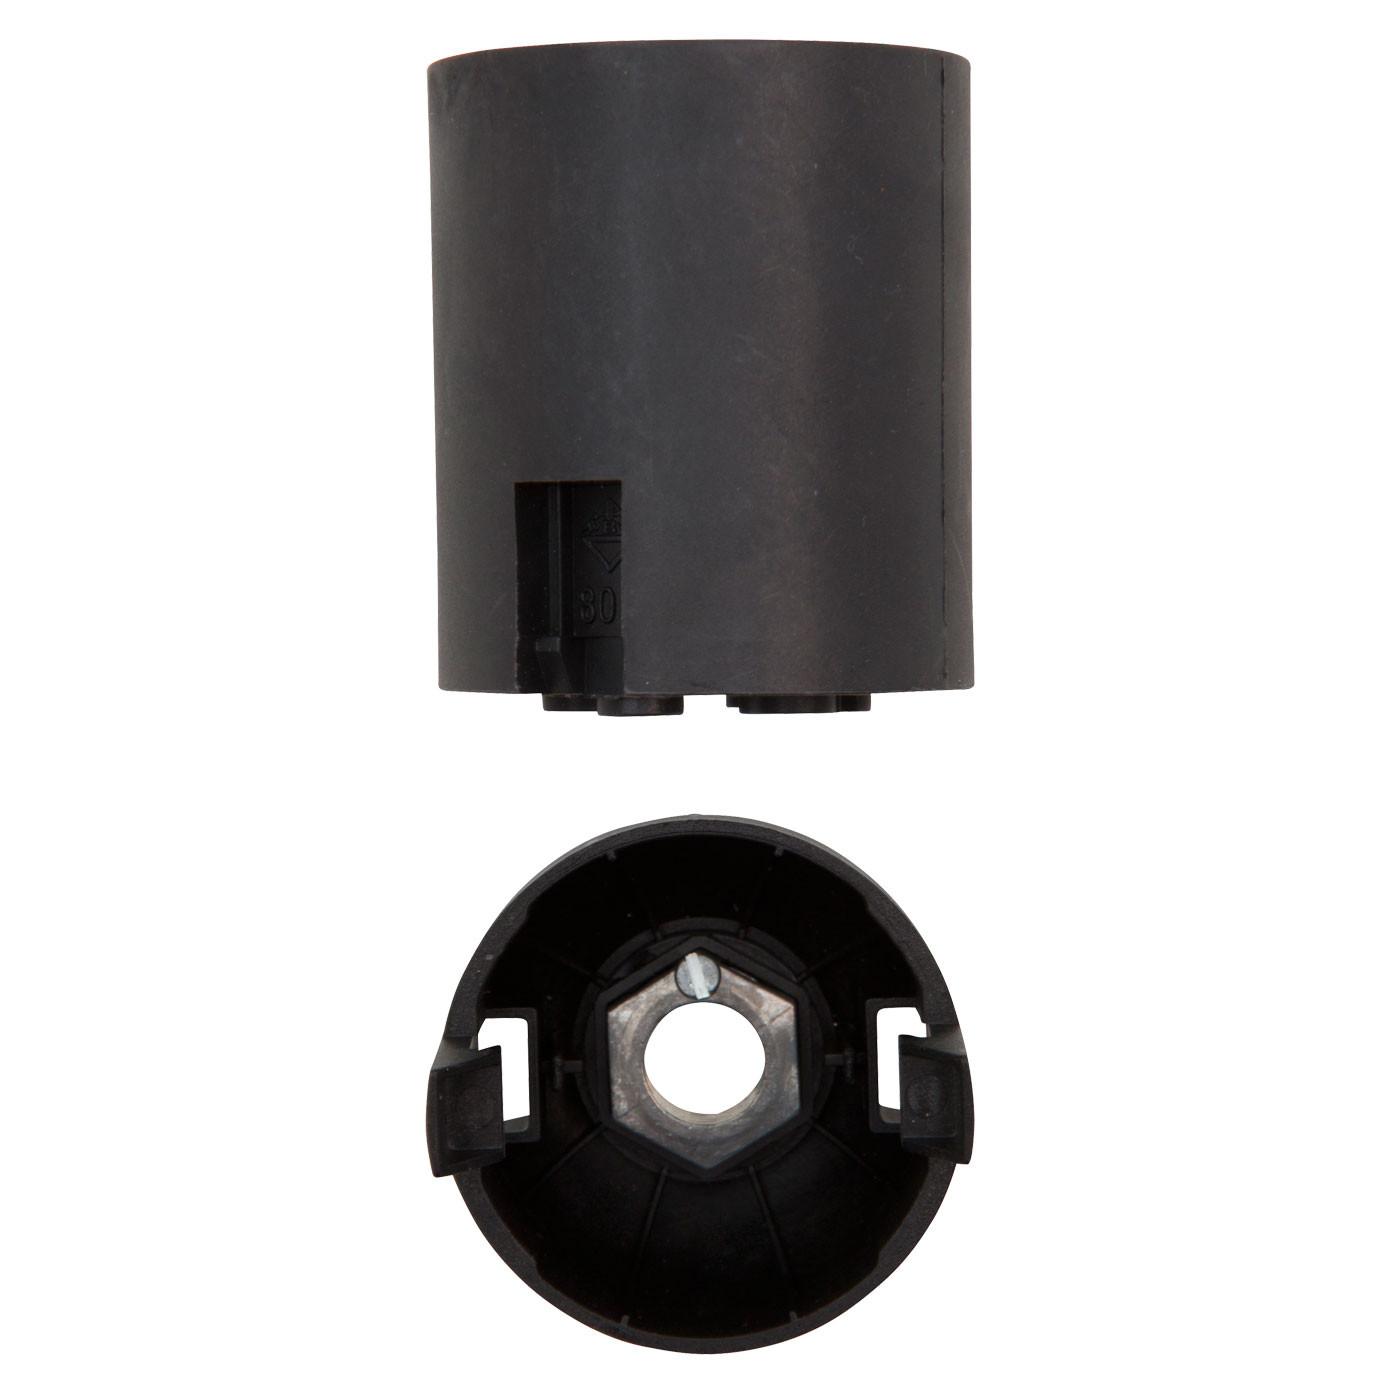 Flos Ersatzteile für Glo-Ball F3